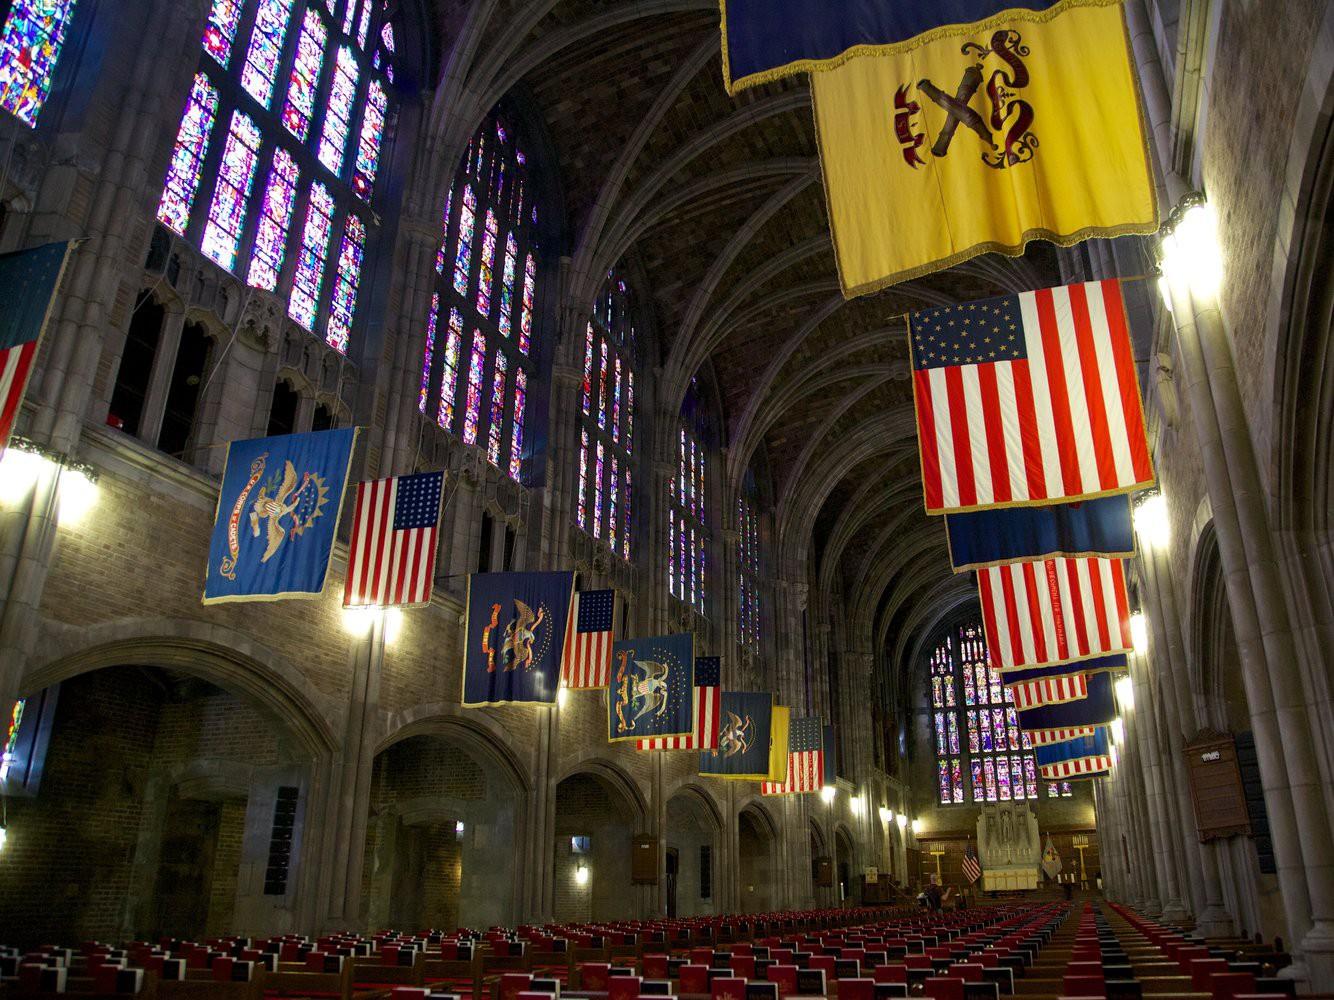 Khám phá bên trong Học viện Quân sự Hoa Kỳ, nơi đào tạo những công dân Mỹ hoàn hảo nhất 23